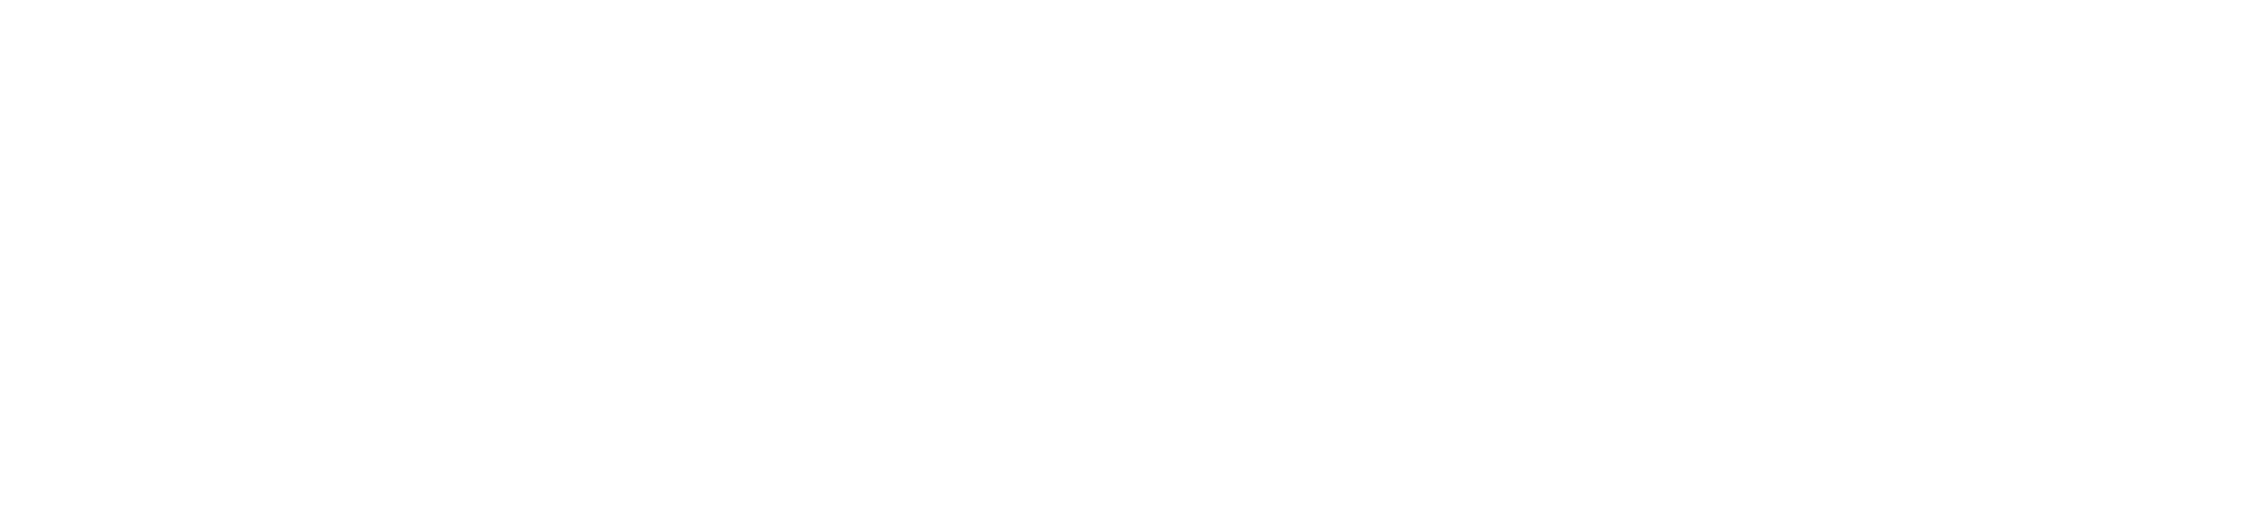 logo-whtonblk